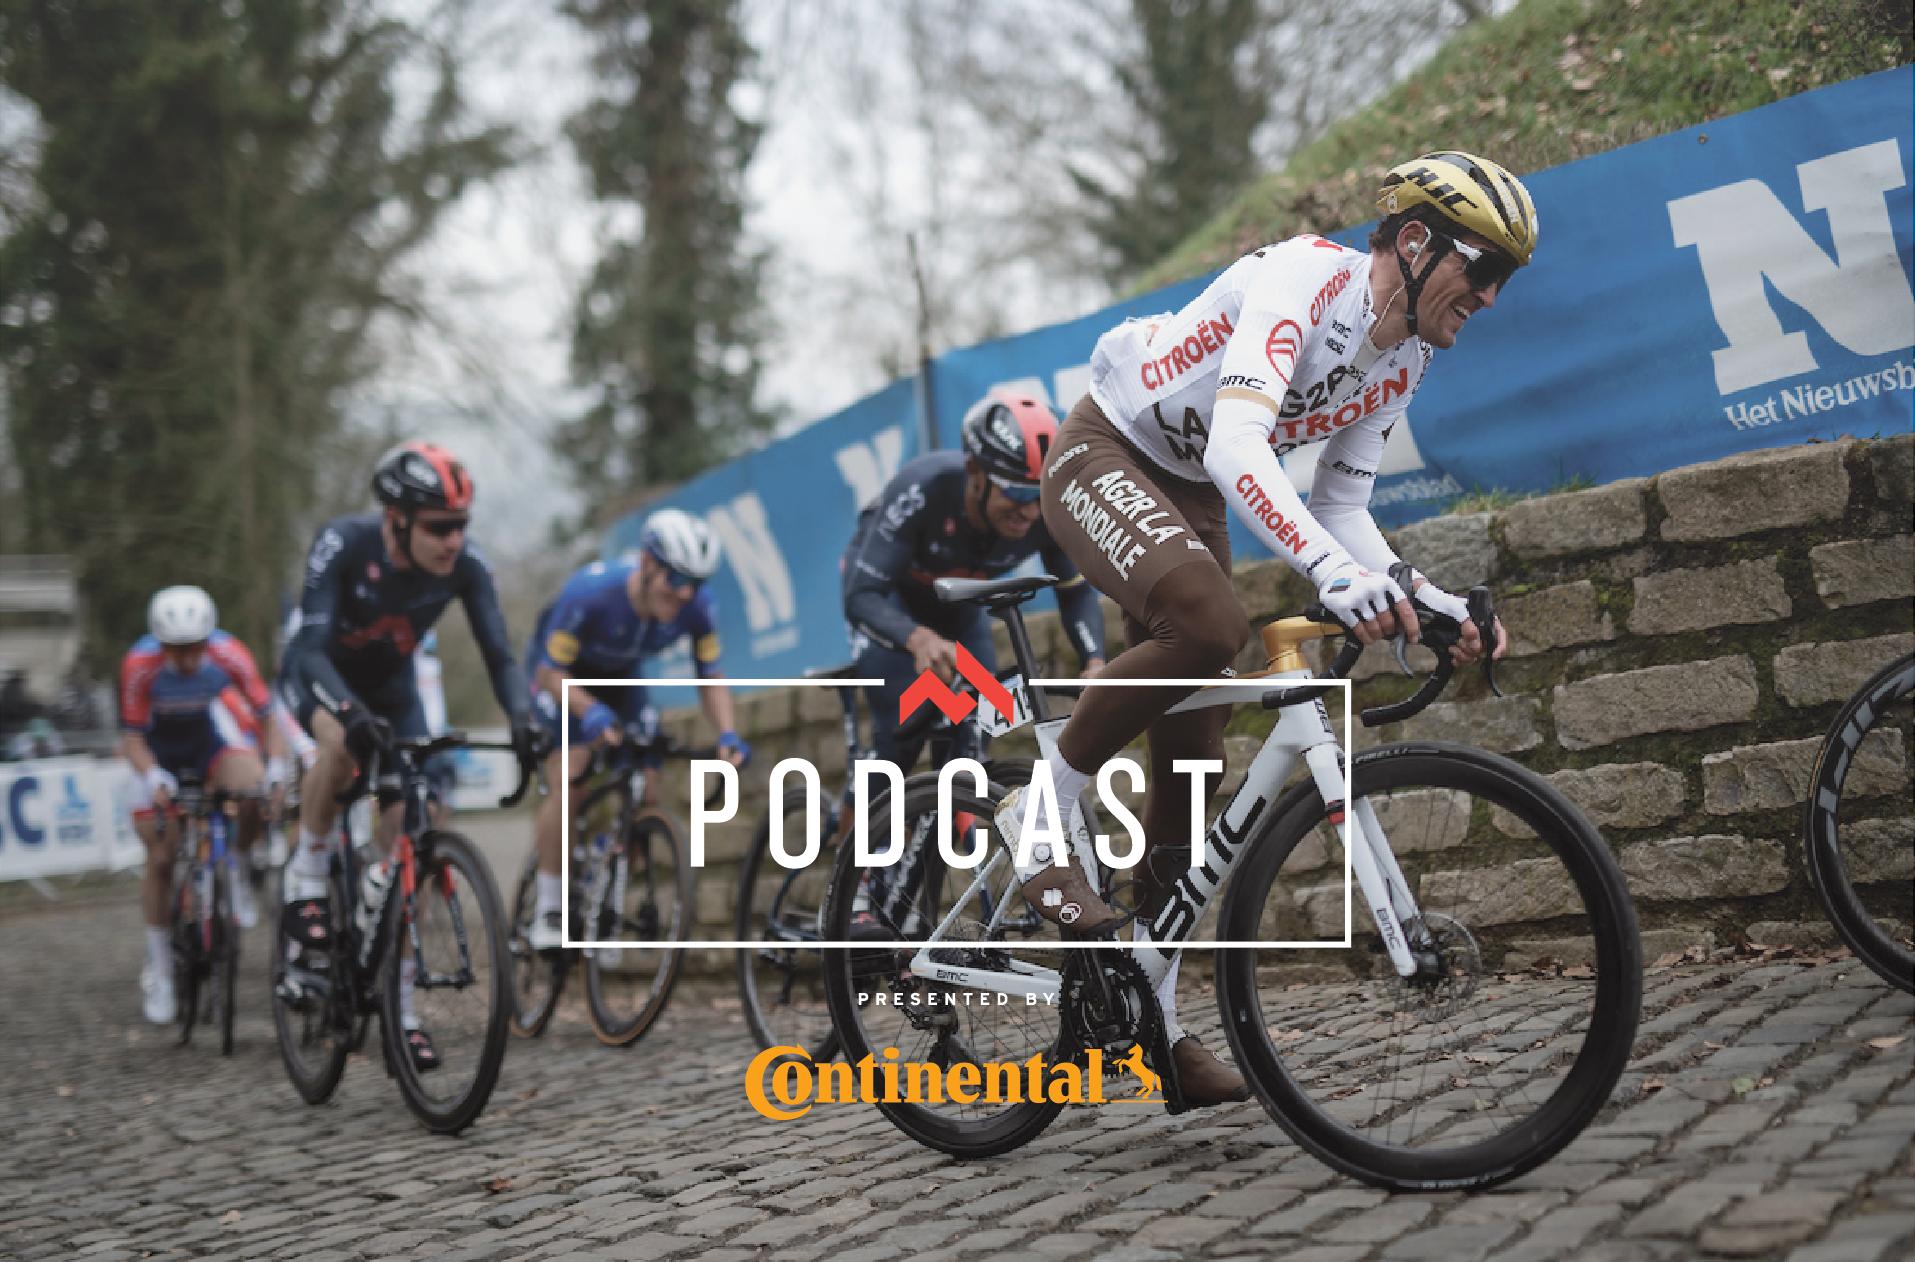 CyclingTips Podcast: Zou je een racefiets leasen?